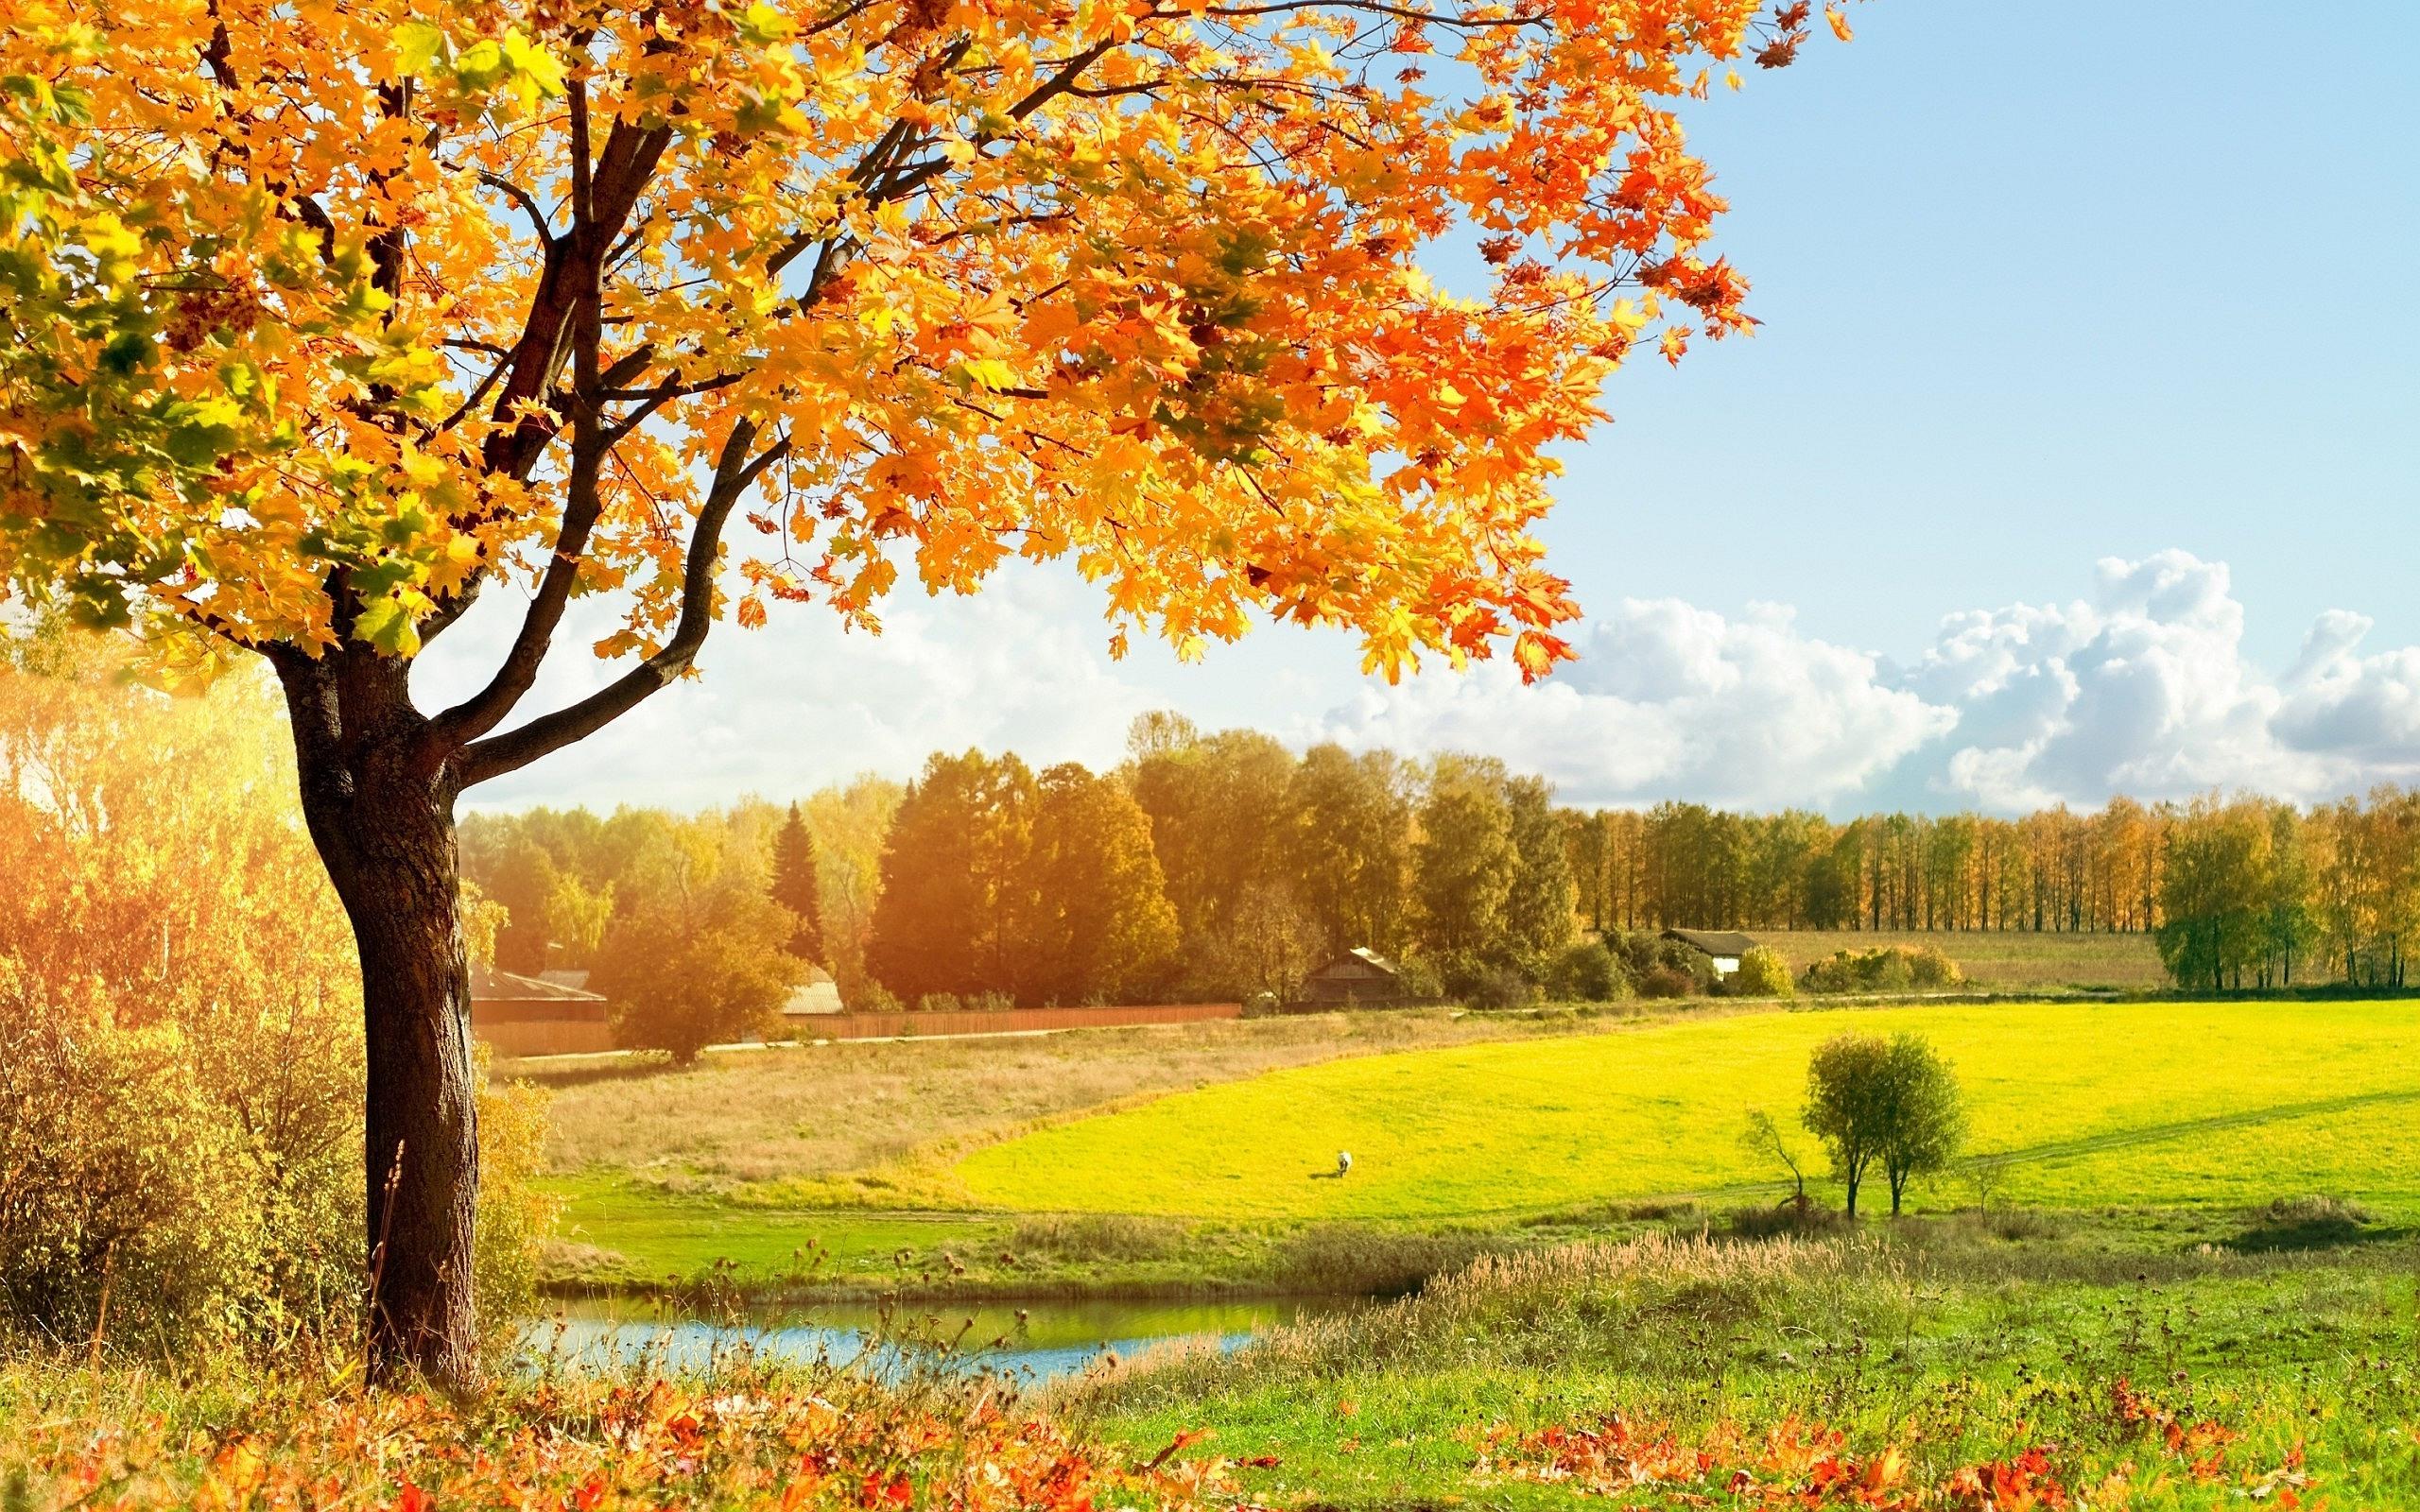 Space 3d Live Wallpaper Autumn Landscape Pictures Hd Desktop Wallpapers 4k Hd